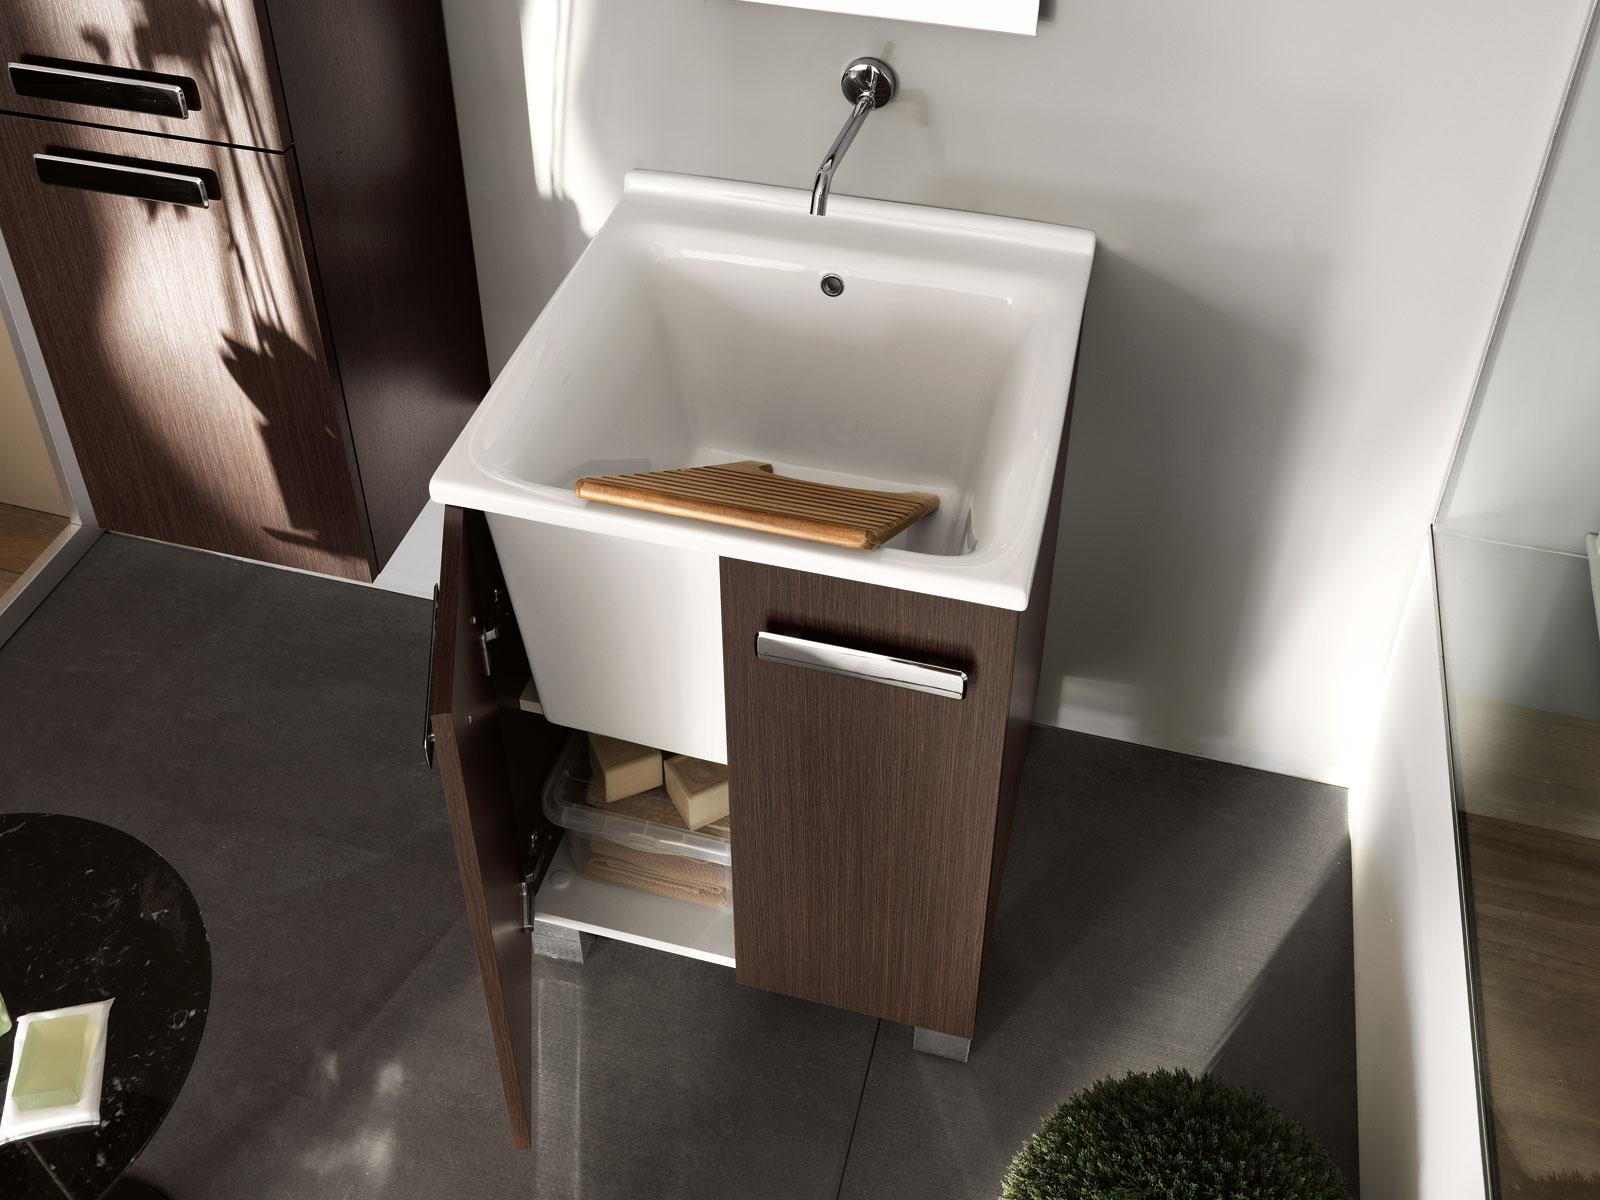 Lavatoio mobile a terra  ceramichemichelediprima